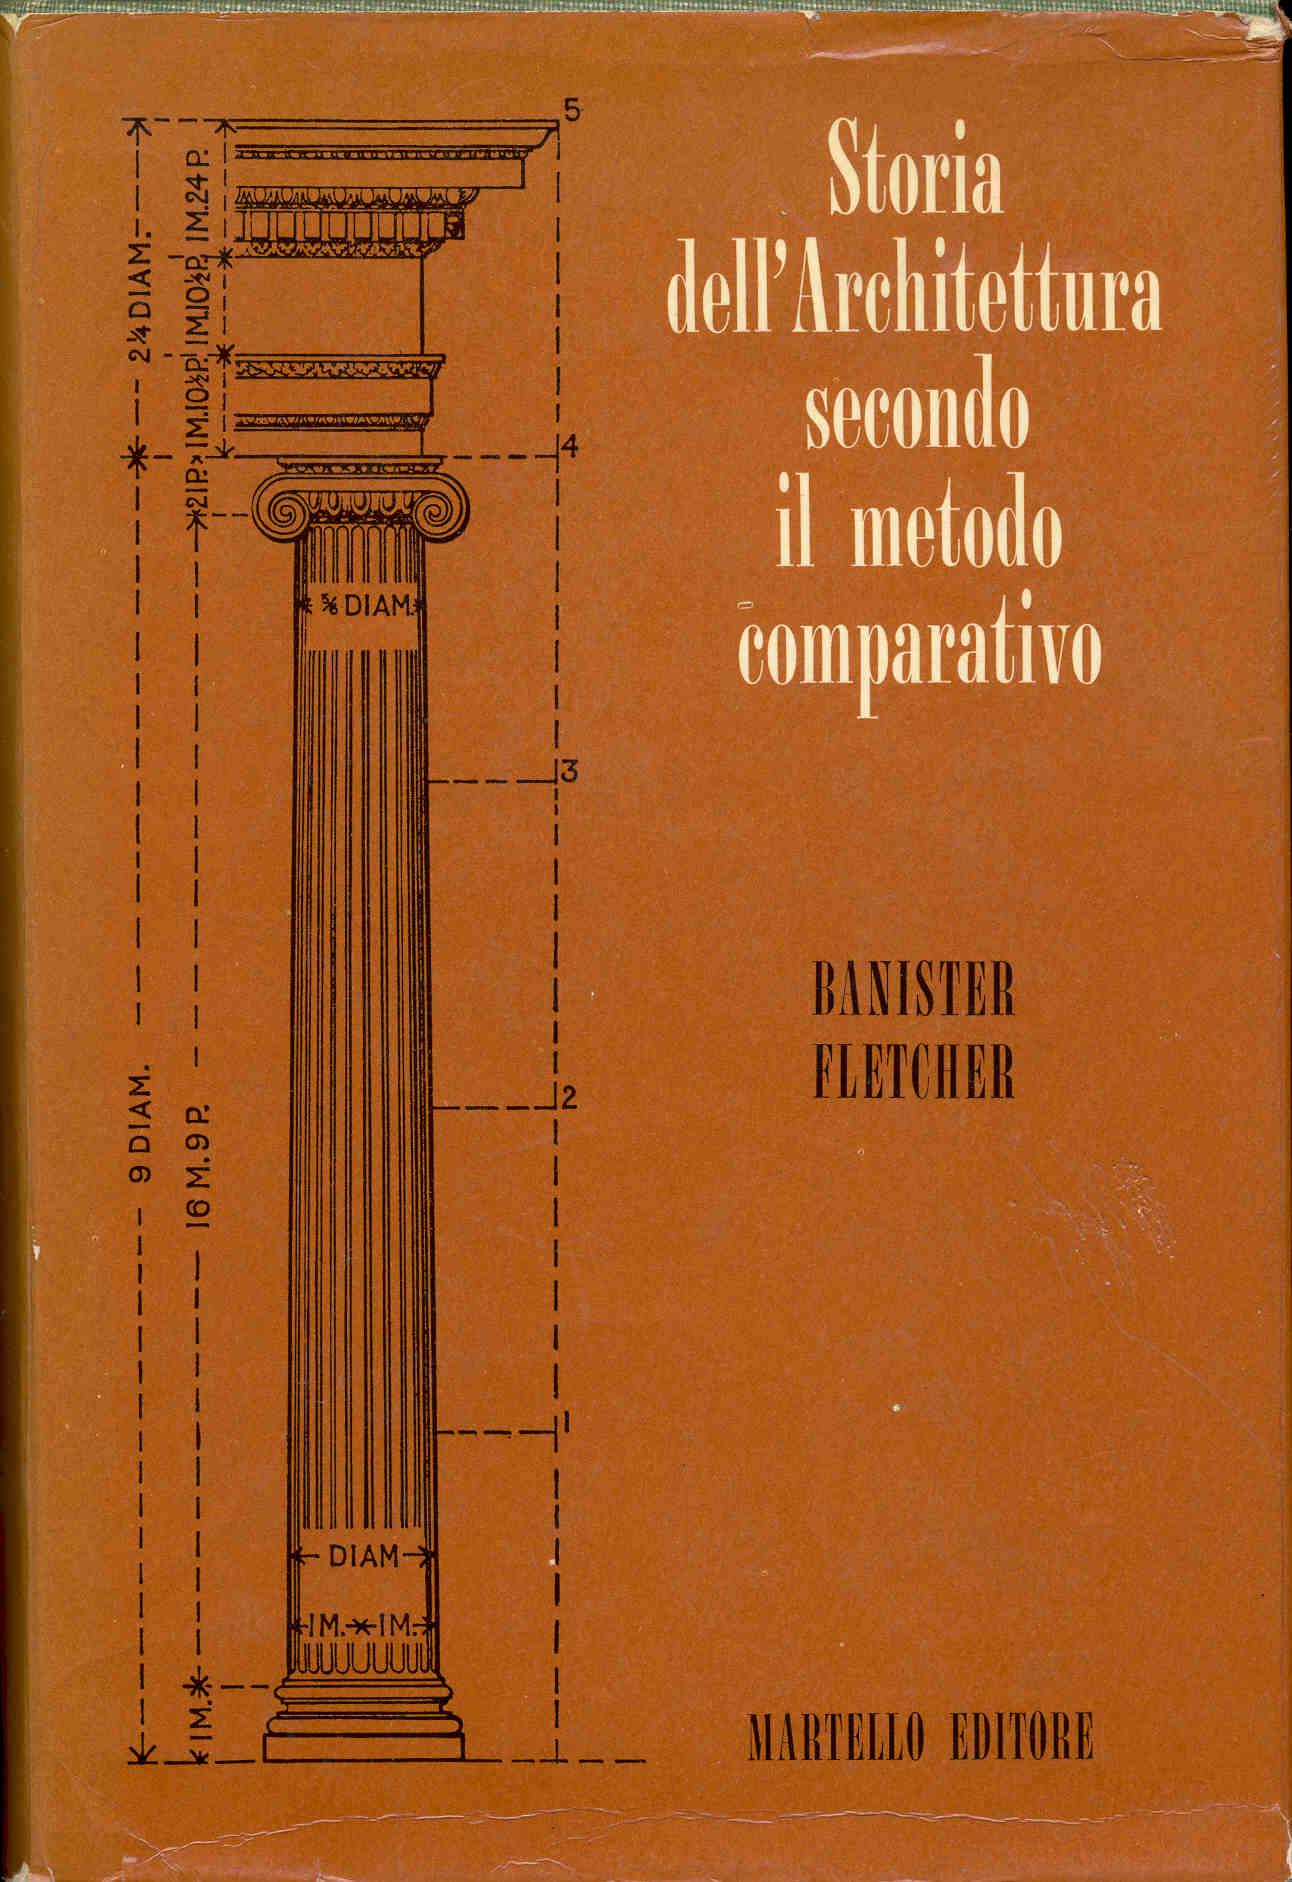 Storia dell'Architettura secondo il metodo comparativo